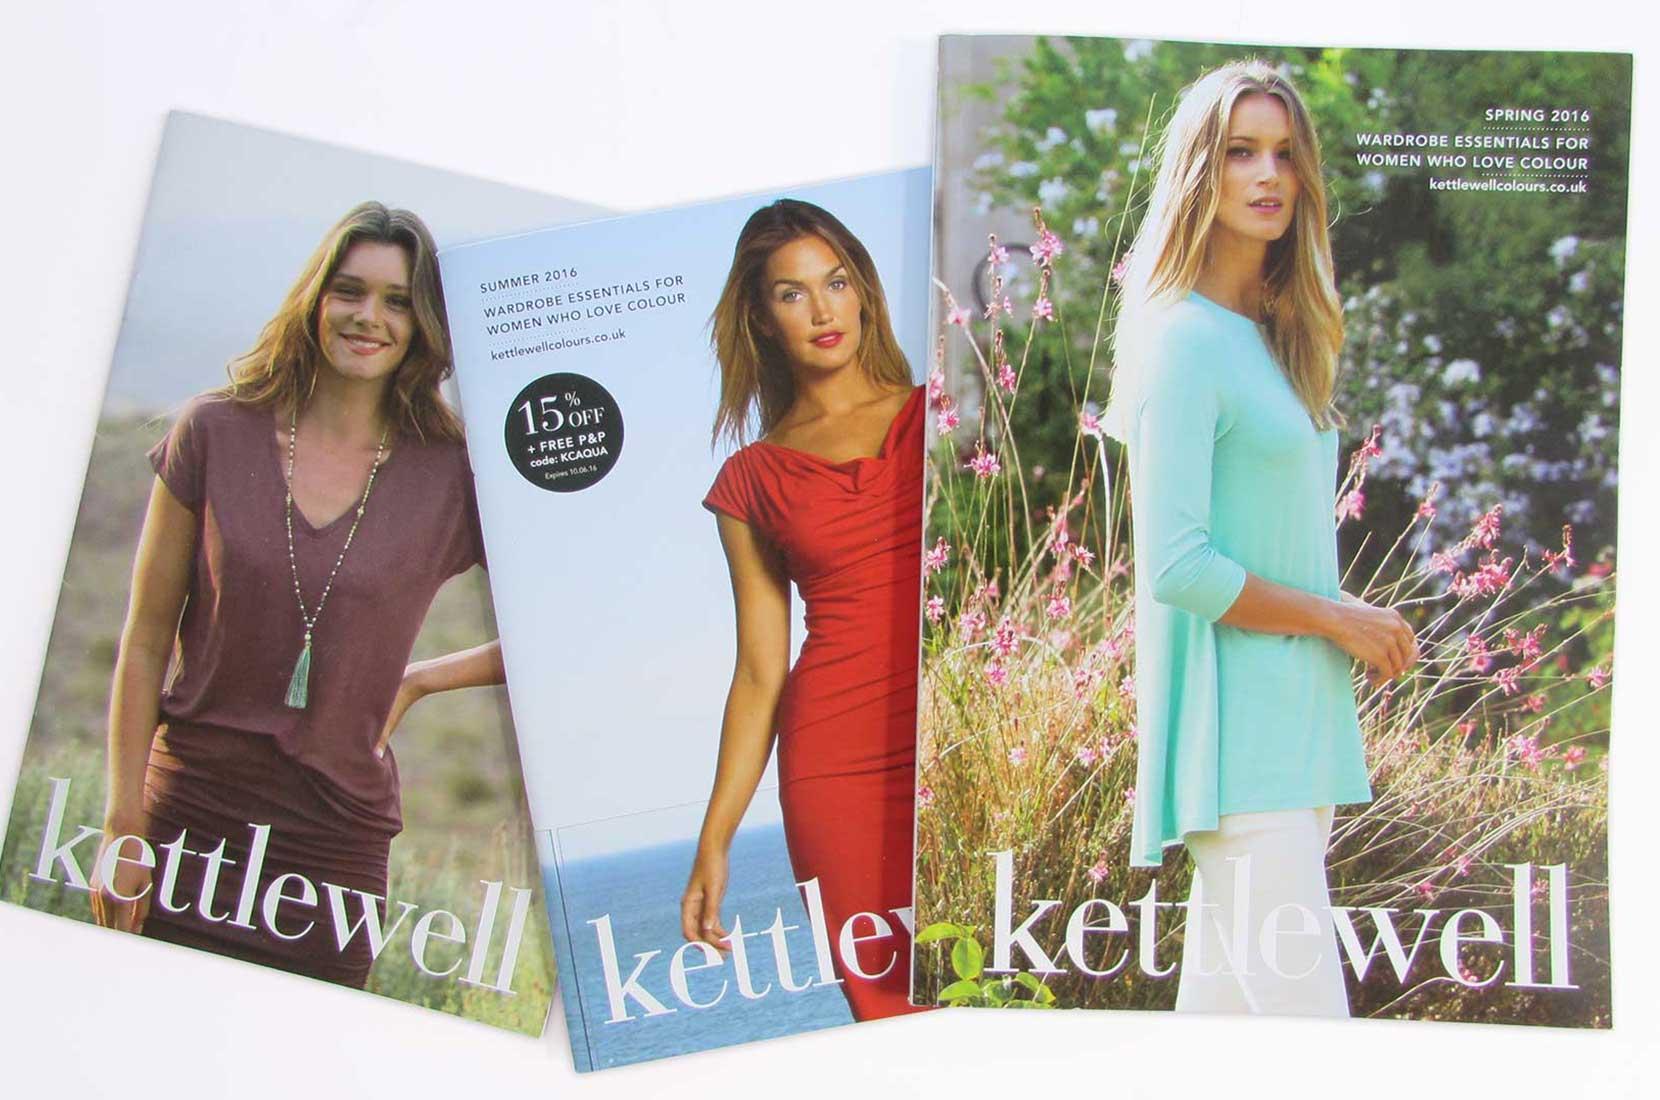 Kettlewell Colours Ballerina Pumps